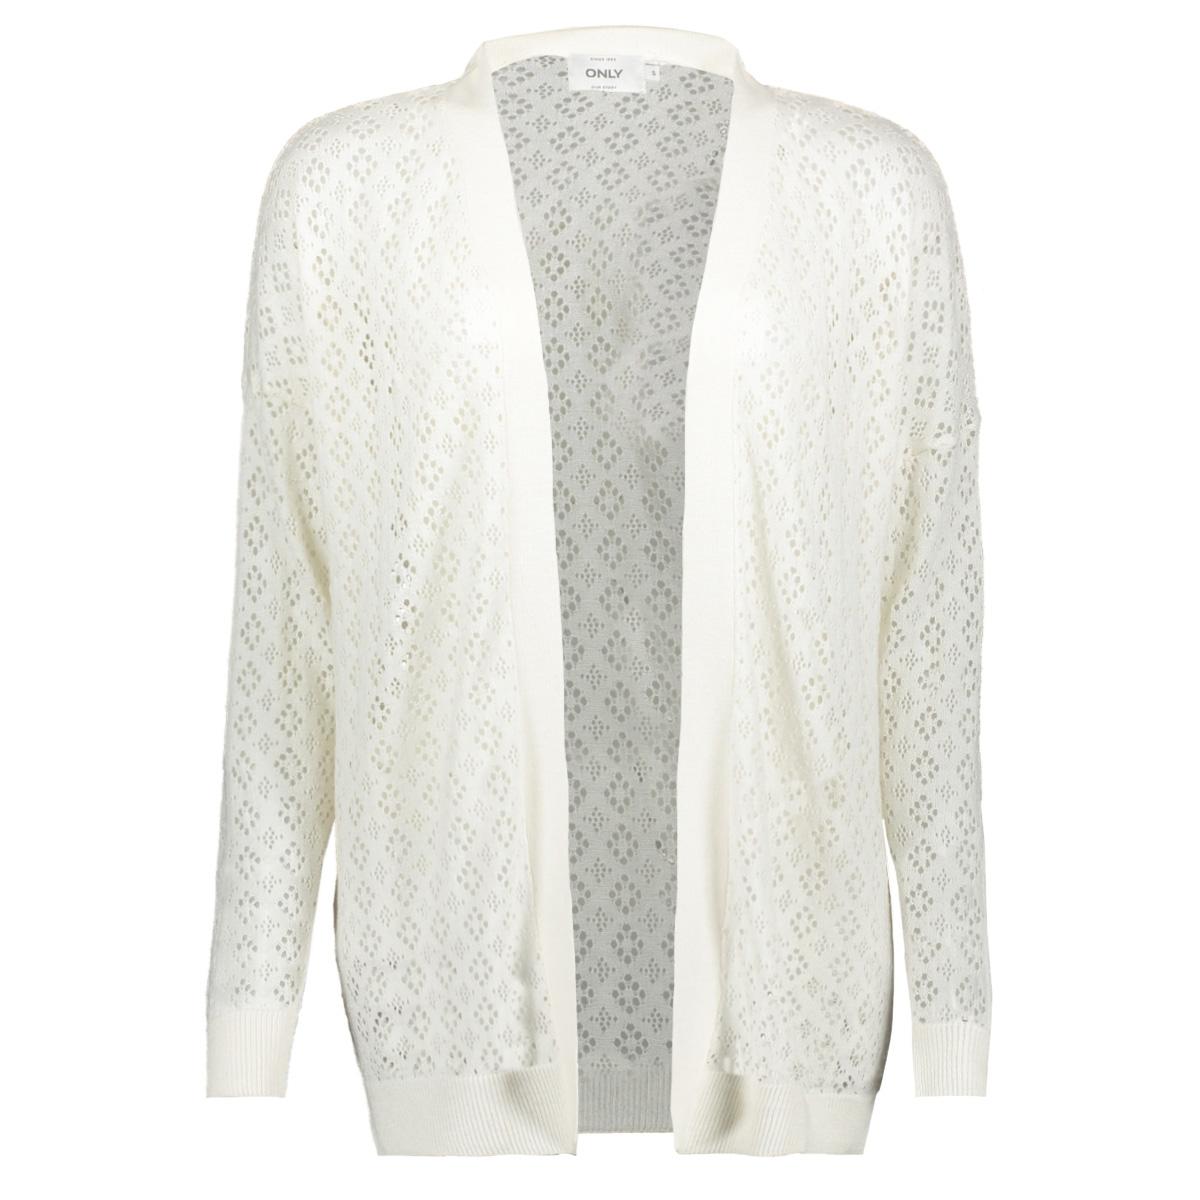 onlkylie l/s cardigan knt 15177603 only vest cloud dancer